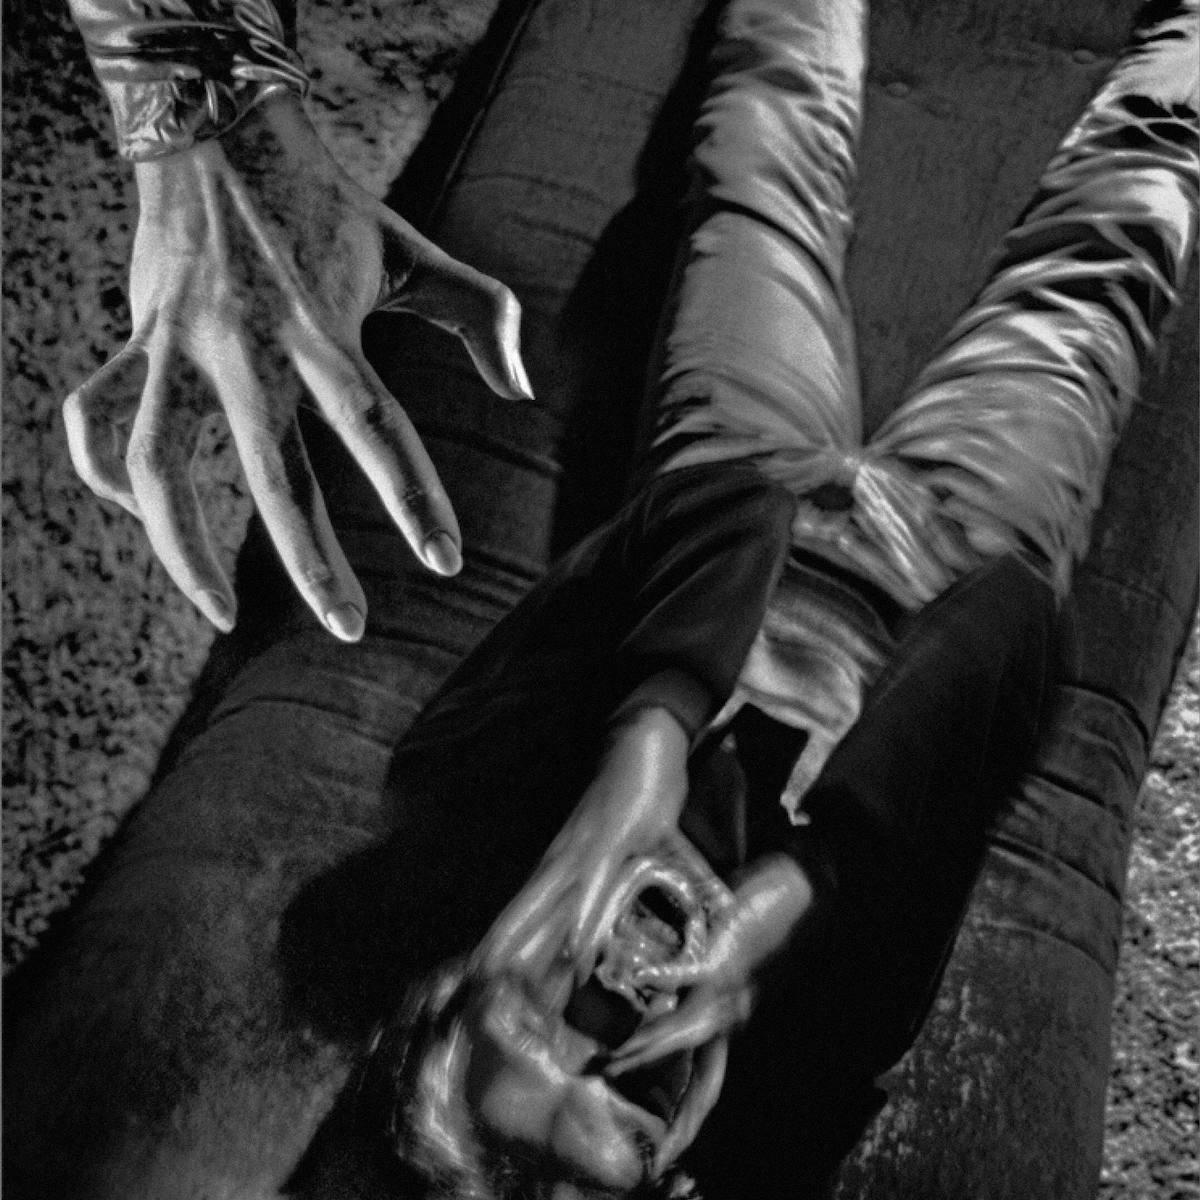 Иллюстрация Дж. К. Поттера крассказу изограниченного издания сборника «Команда скелетов» (1984). Источник: Wikipedia